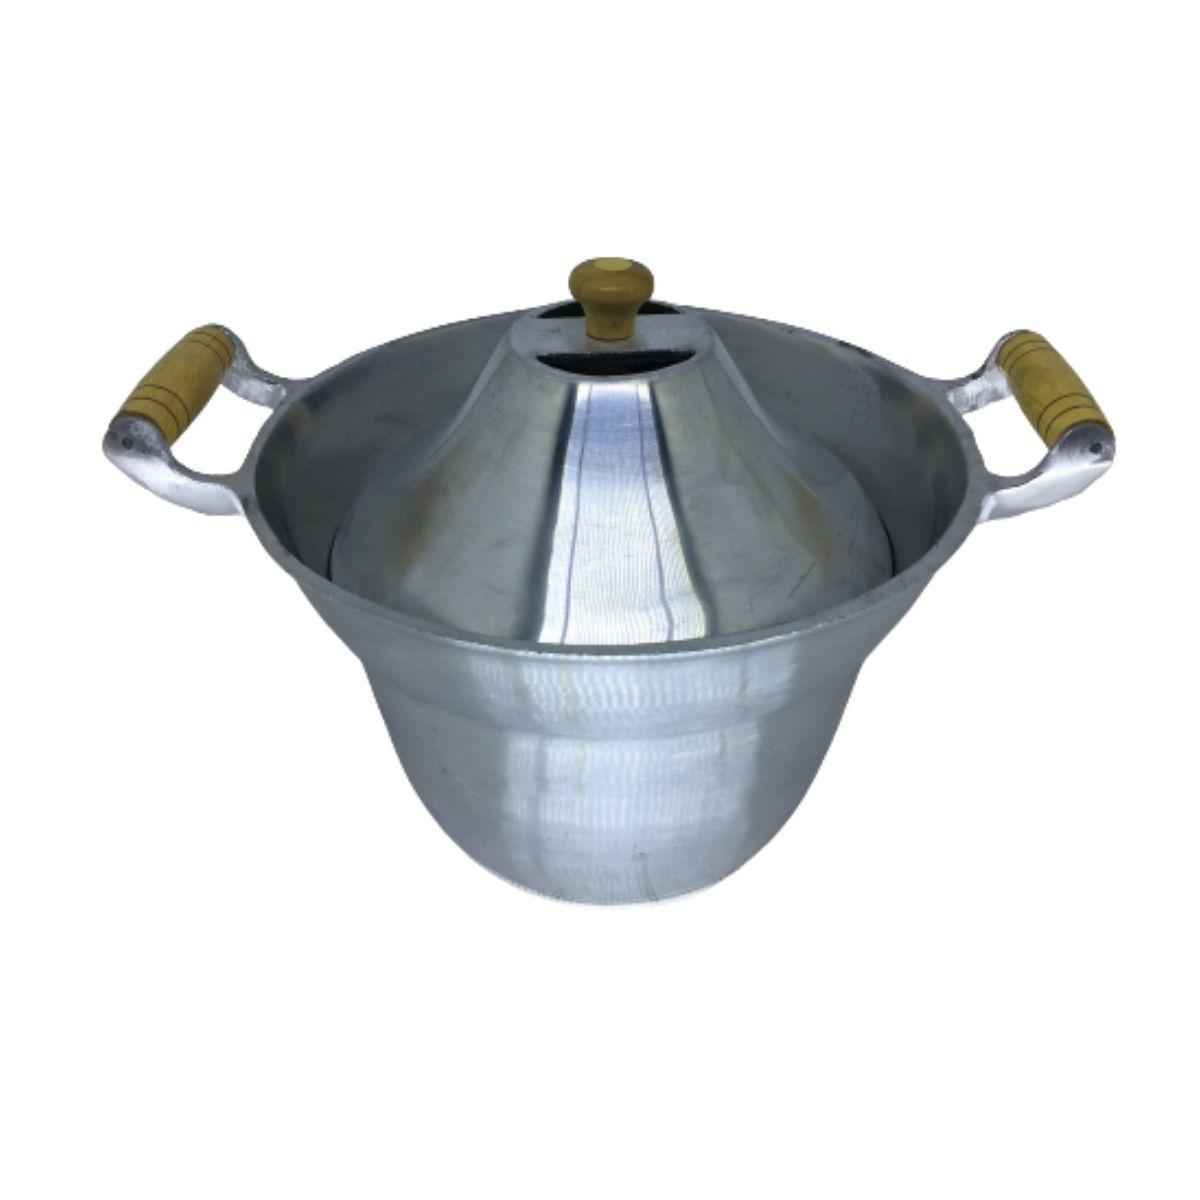 Fervedor Leiteira Inderramavel Alumínio Polido 5 Litros